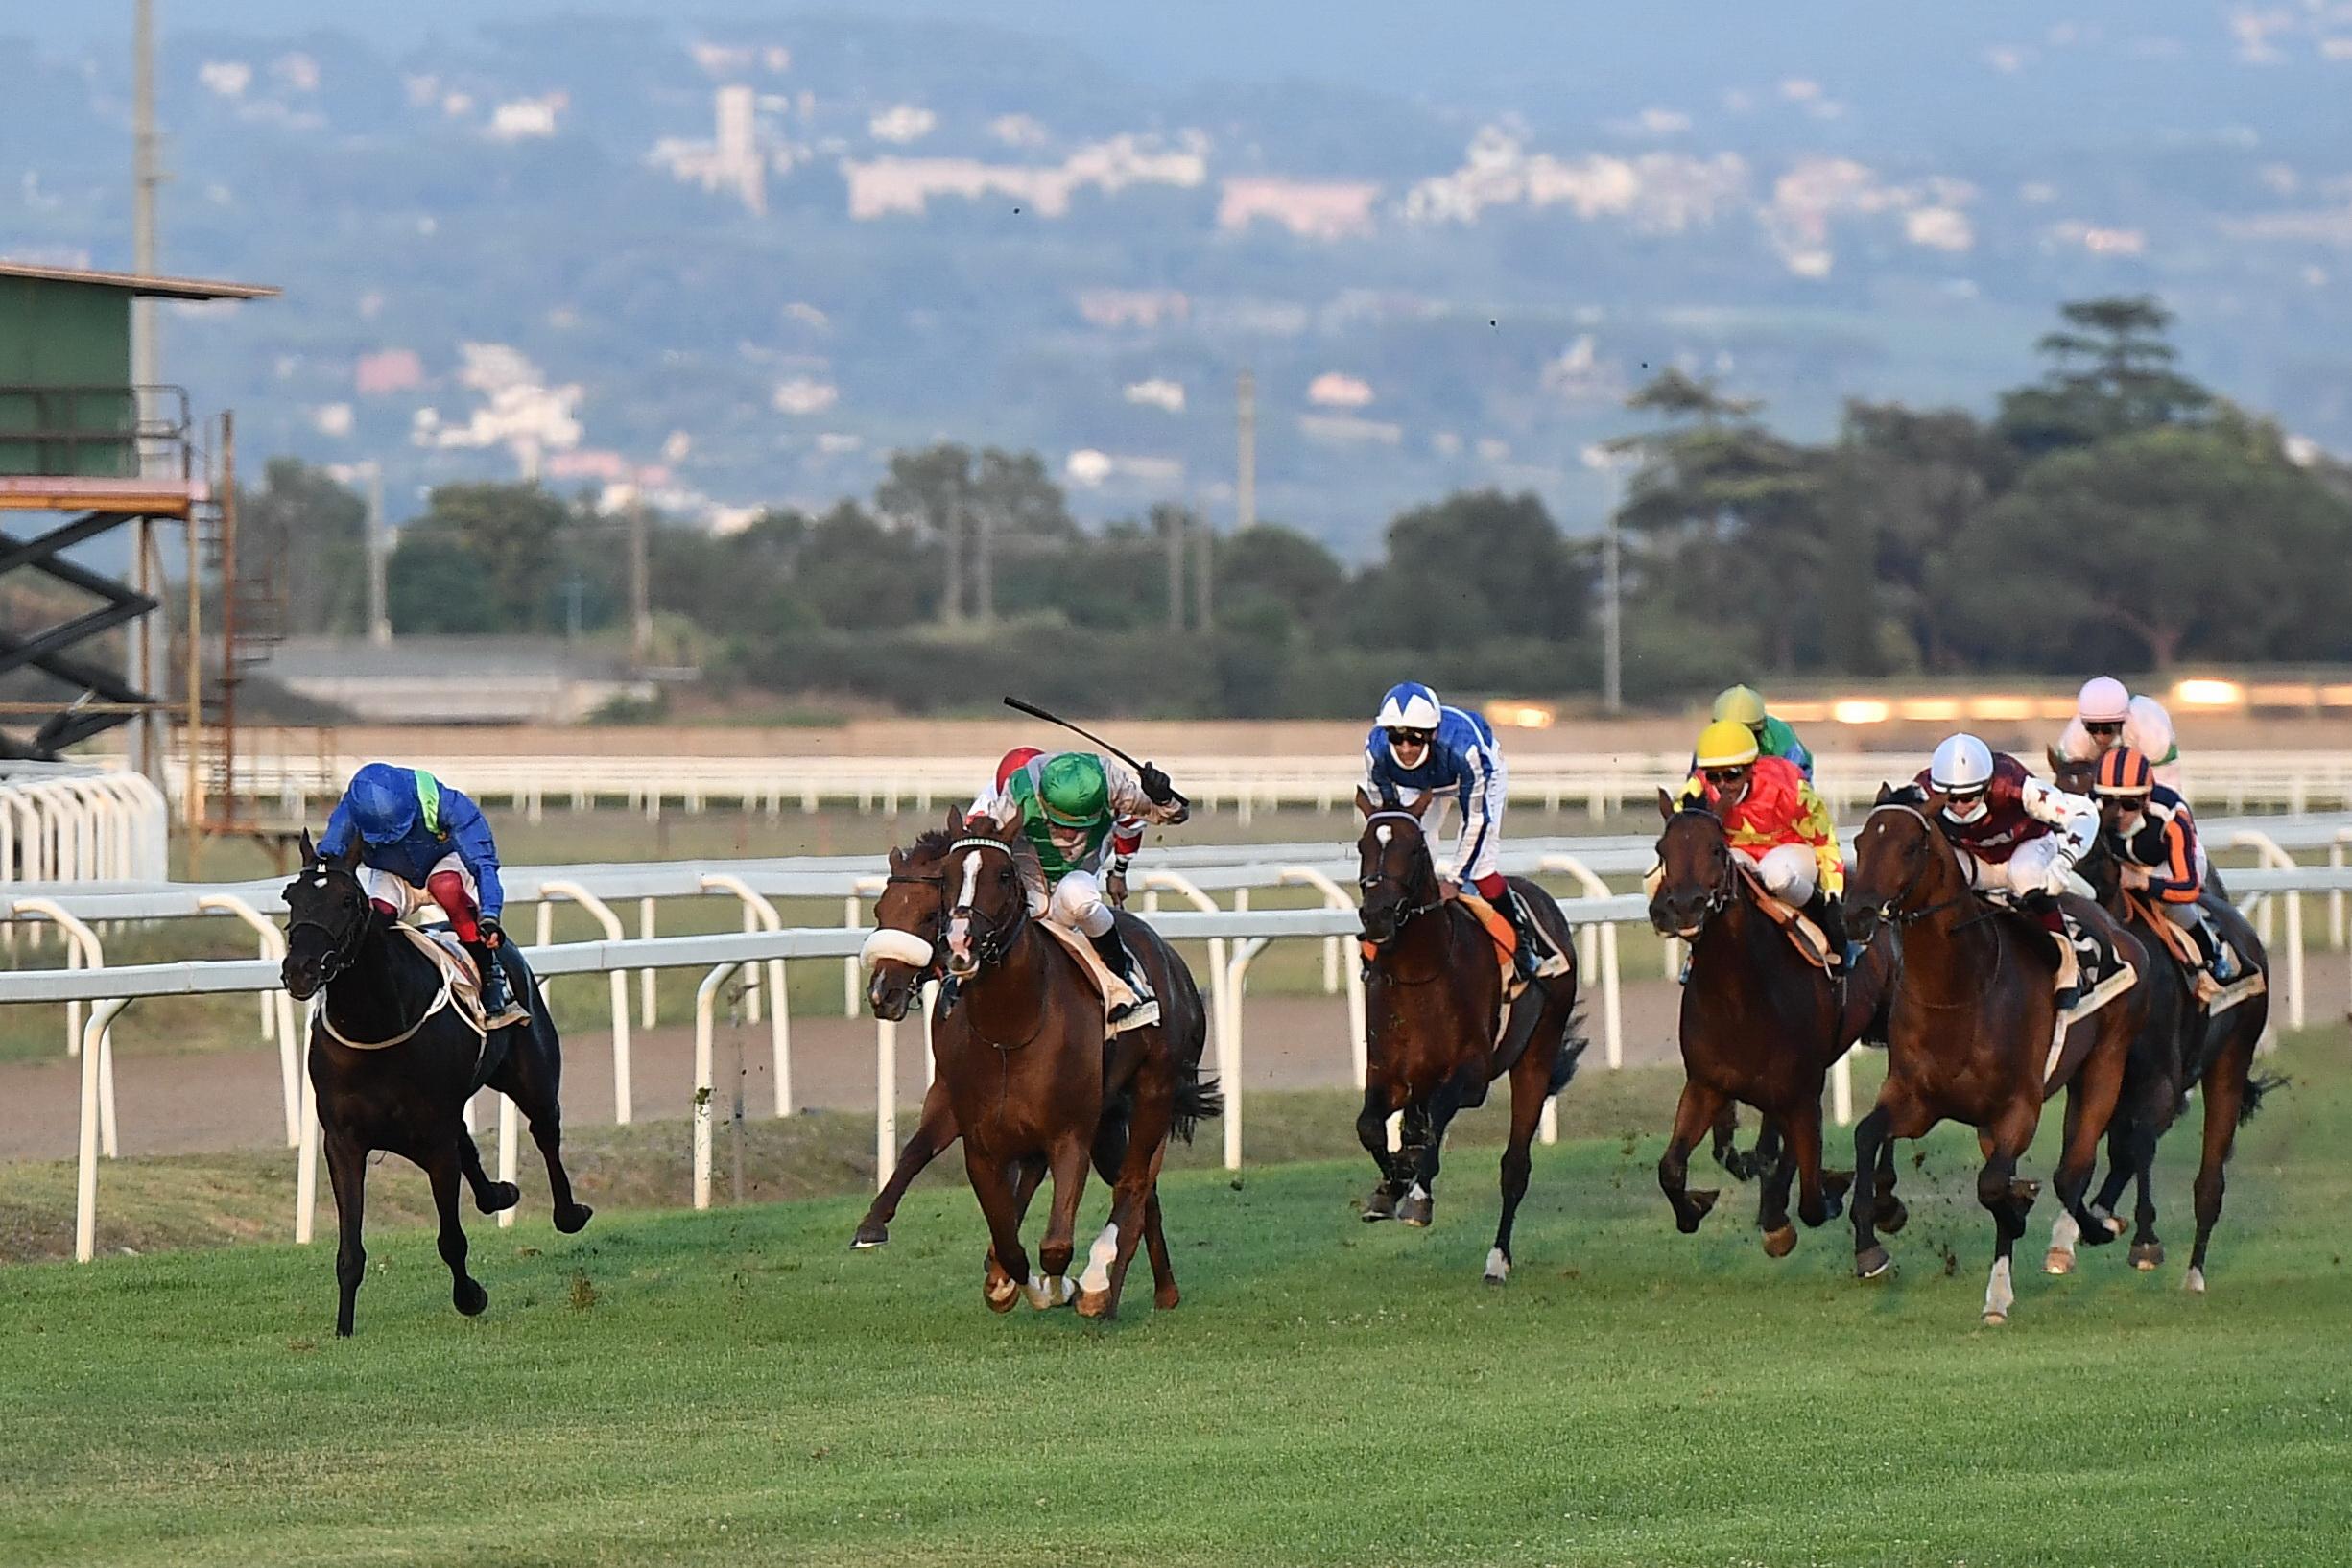 Corse regolari: oggi a Follonica tre corse per cavalli anglo-arabi